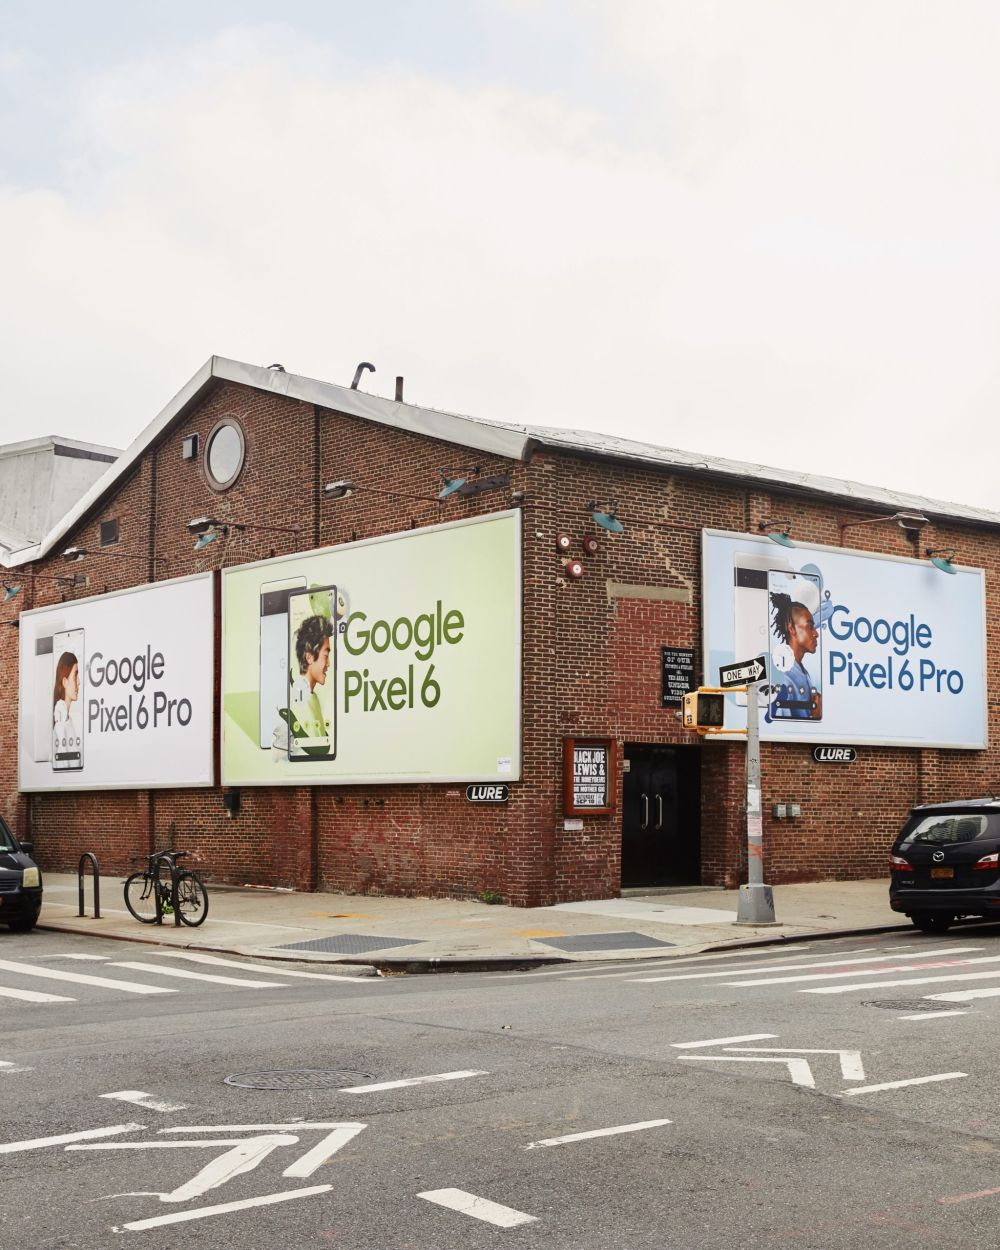 pixel 6 billboard 6